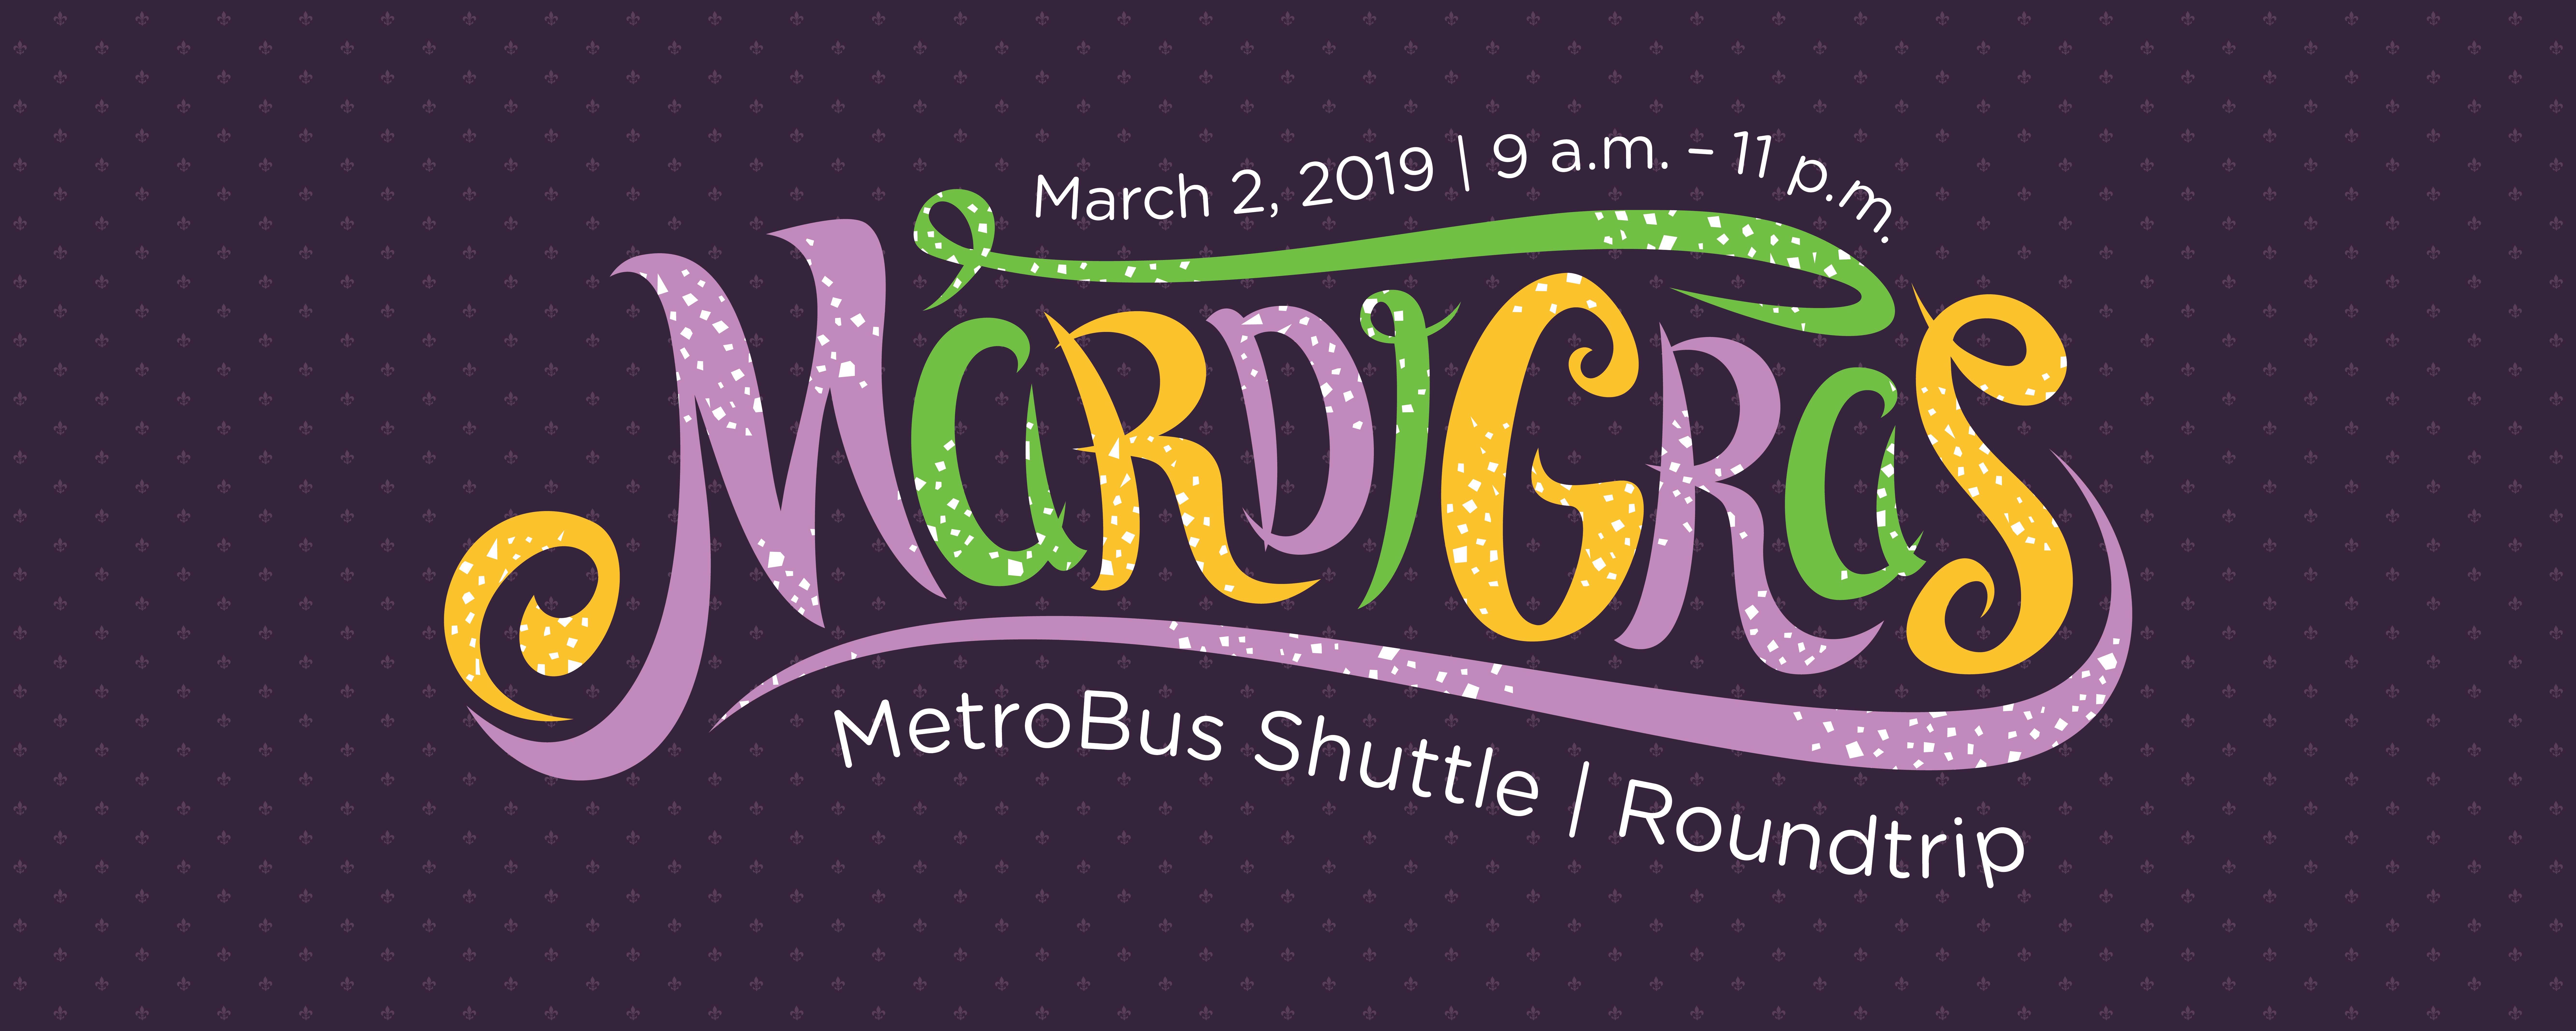 Read More | Mardi Gras graphic in purple